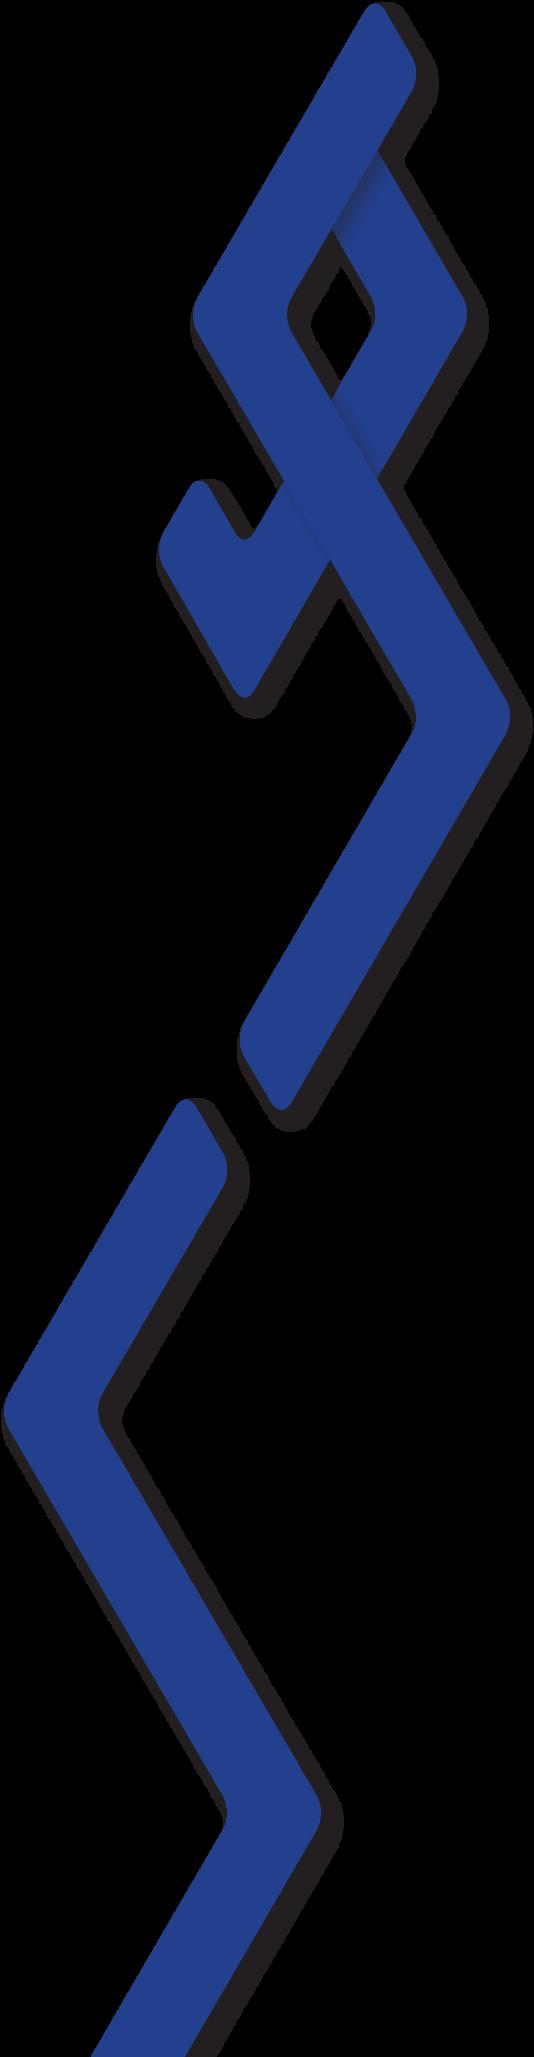 vetor-lateral-05